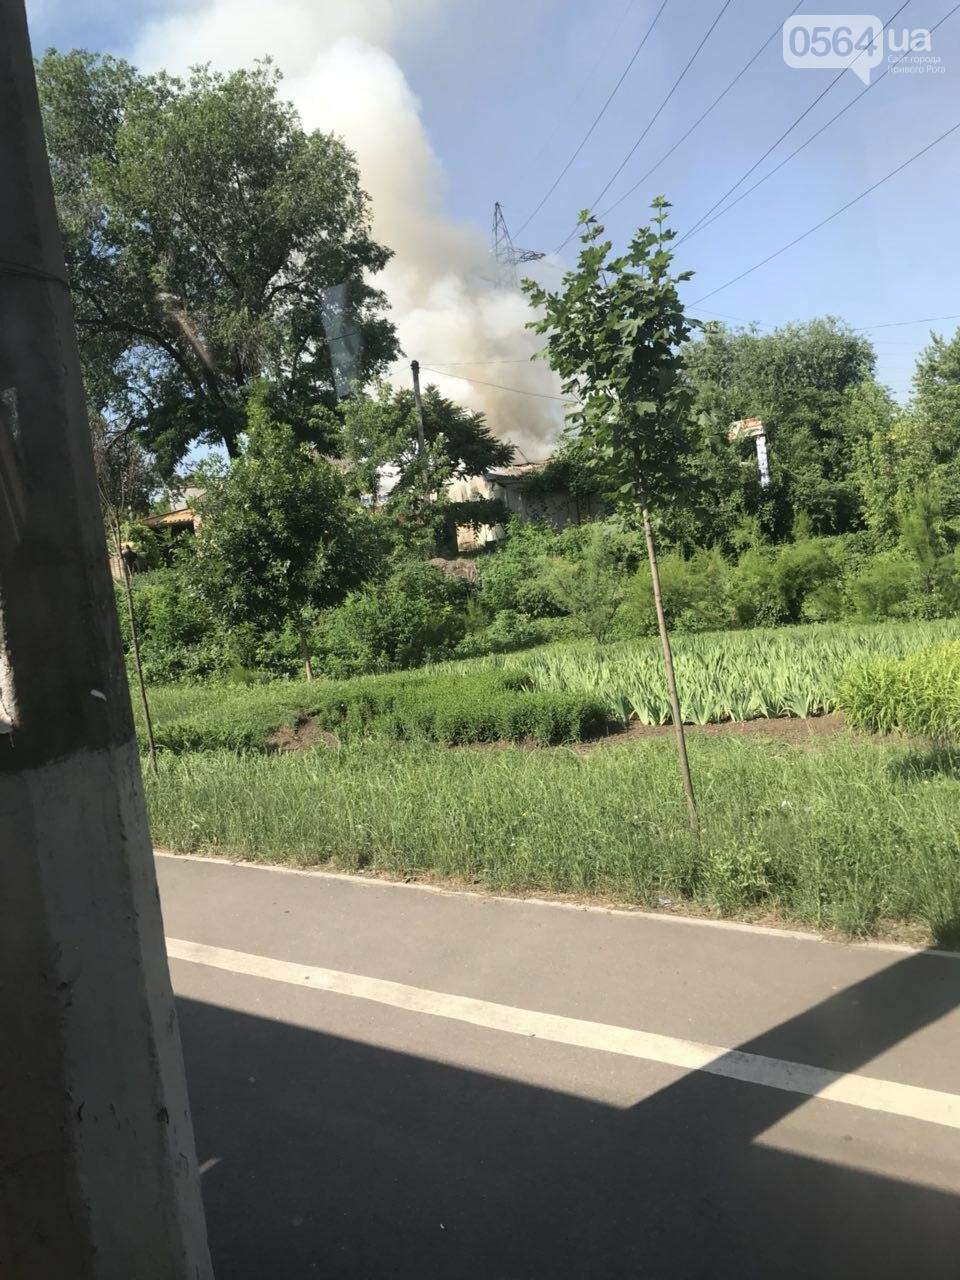 В Кривом Роге на СТО произошел пожар, сгорела как минимум одна машина, - ФОТО , фото-3